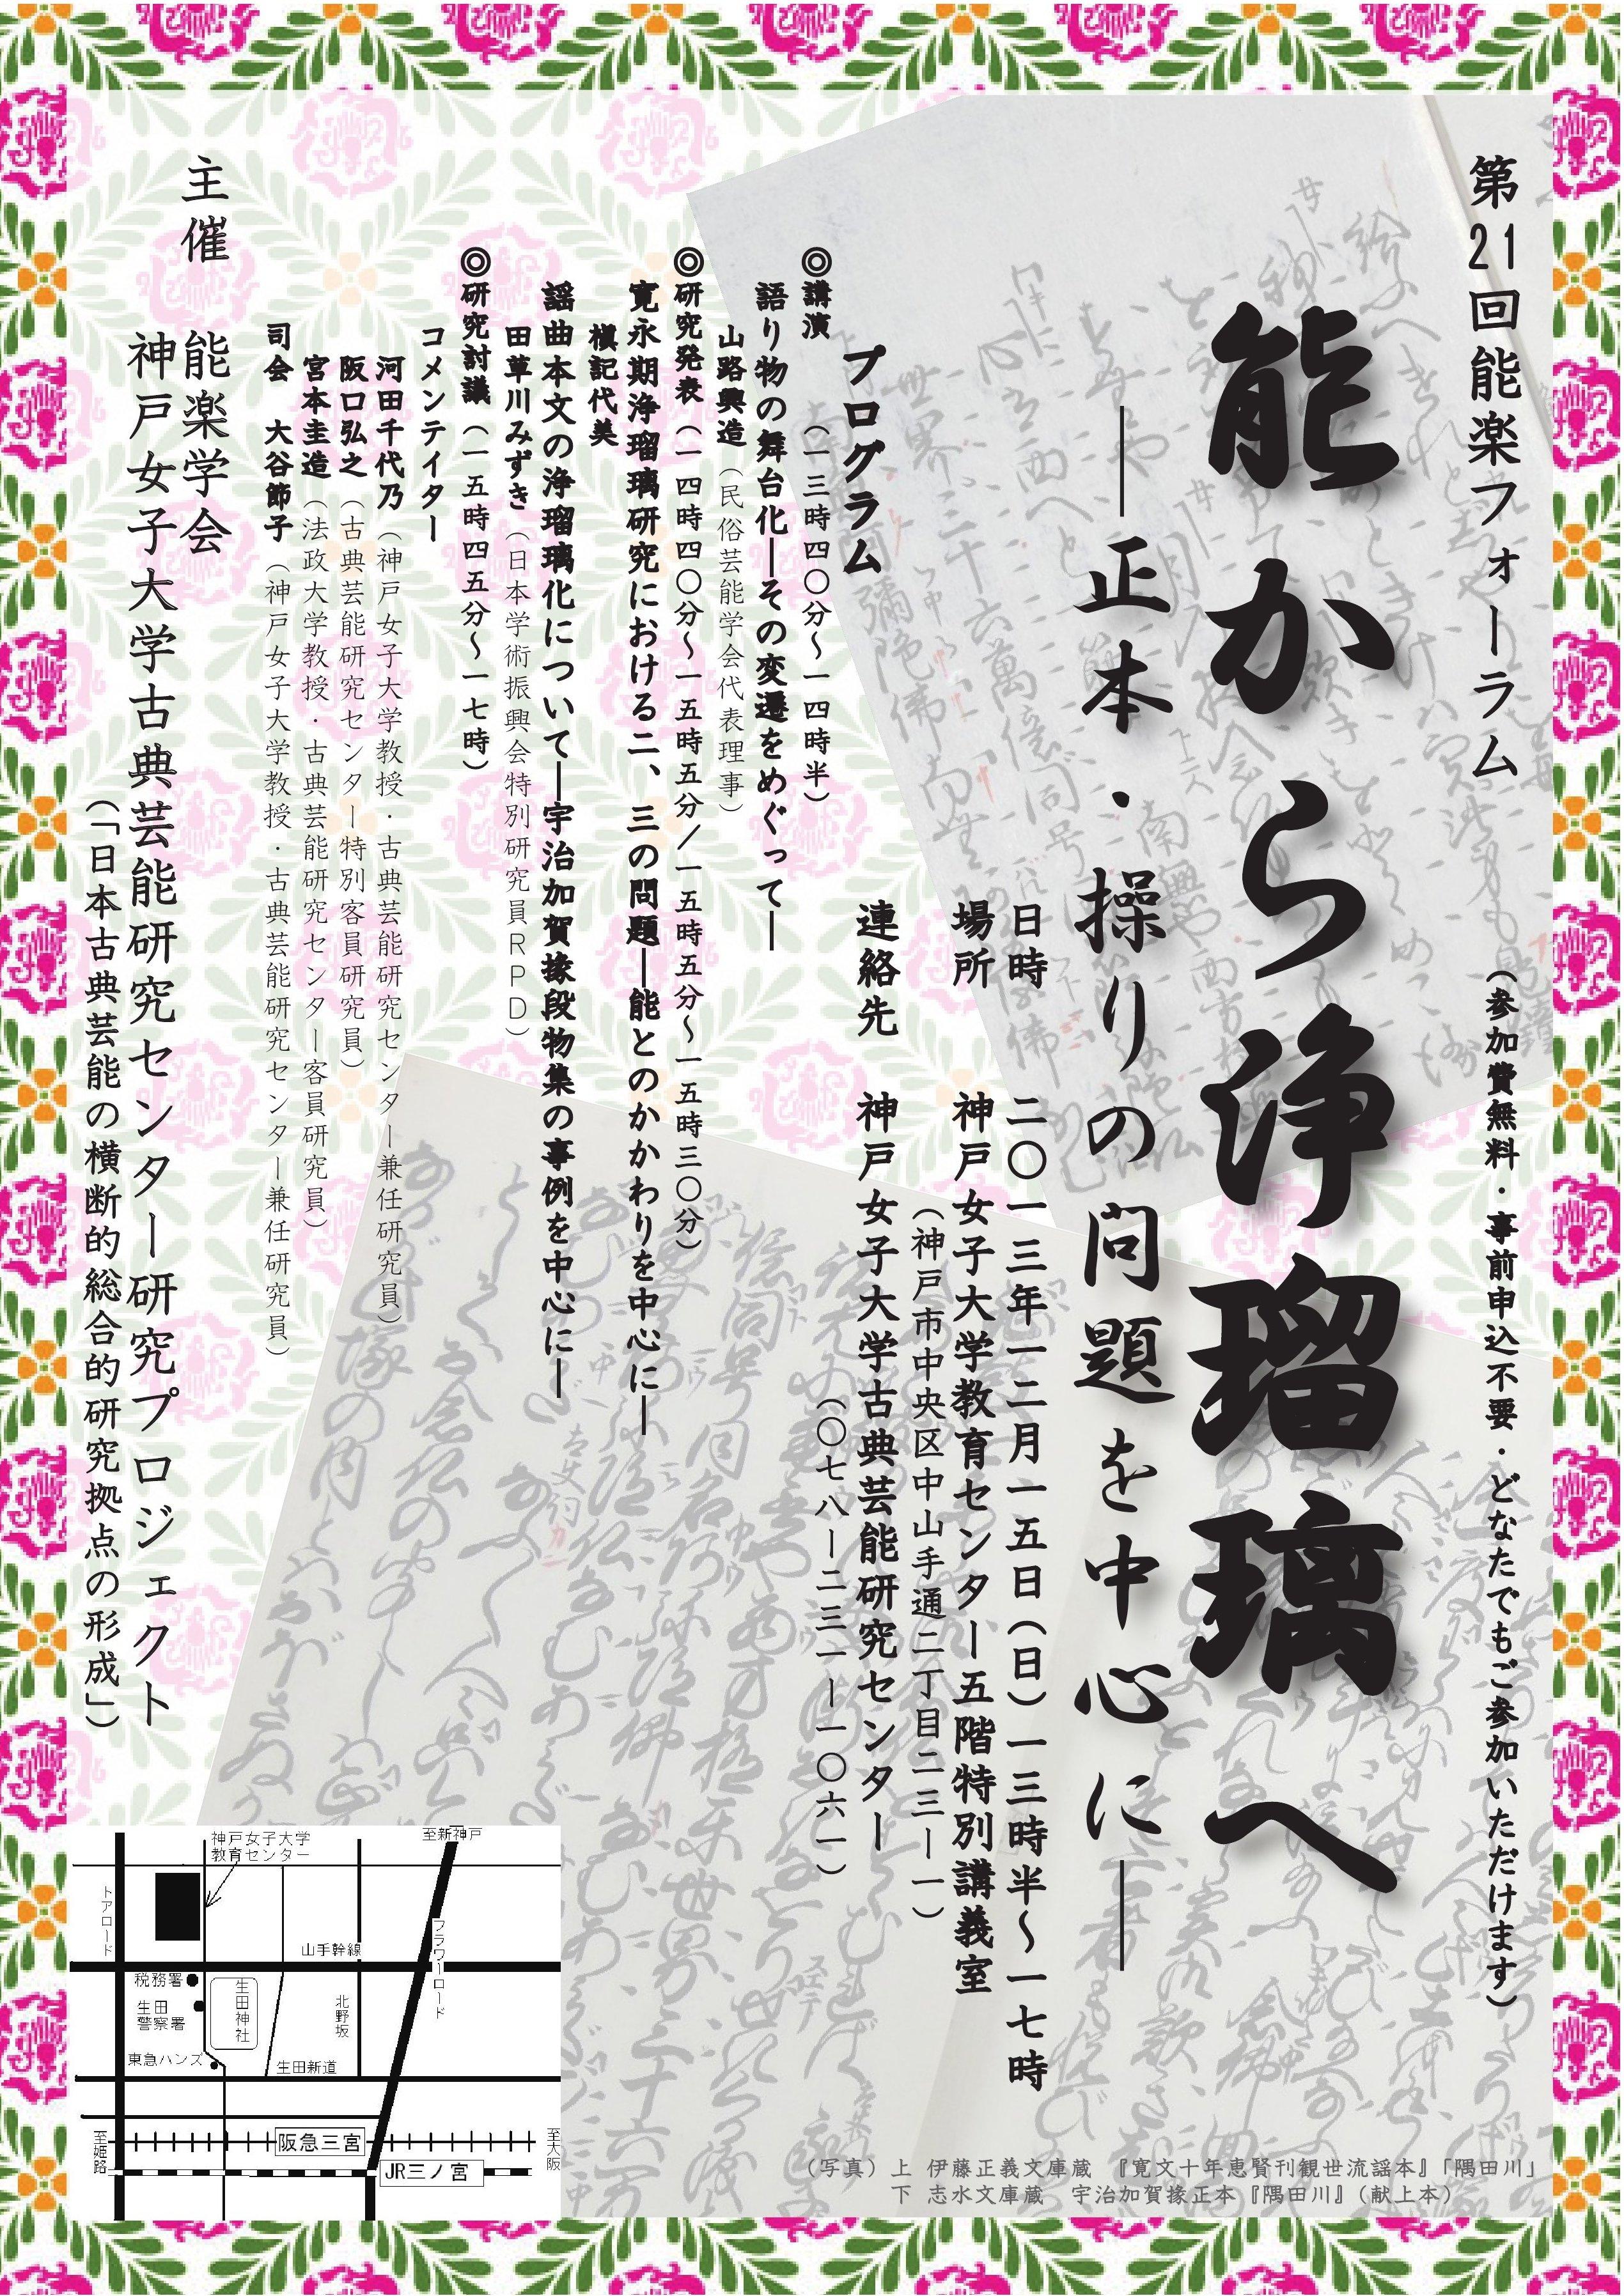 第21回能楽フォーラム「能から浄瑠璃へ」:神戸女子大学古典芸能研究 ...